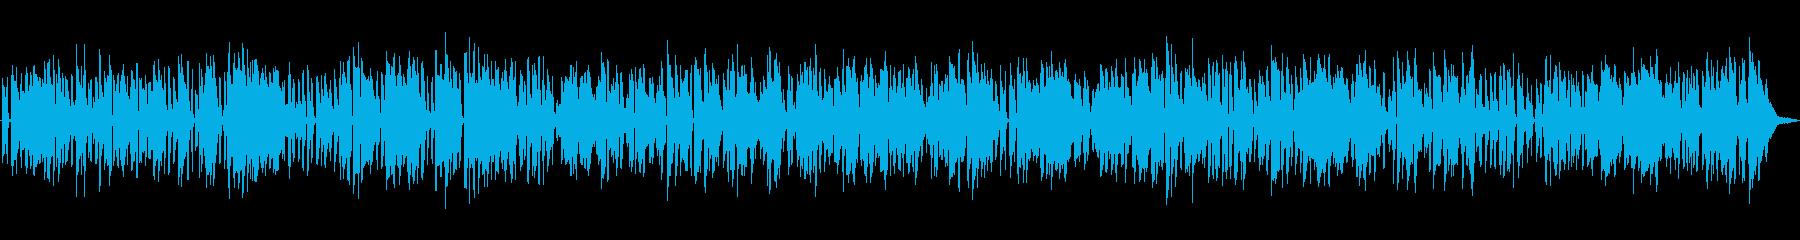 レトロで懐かしいオールドジャズの再生済みの波形